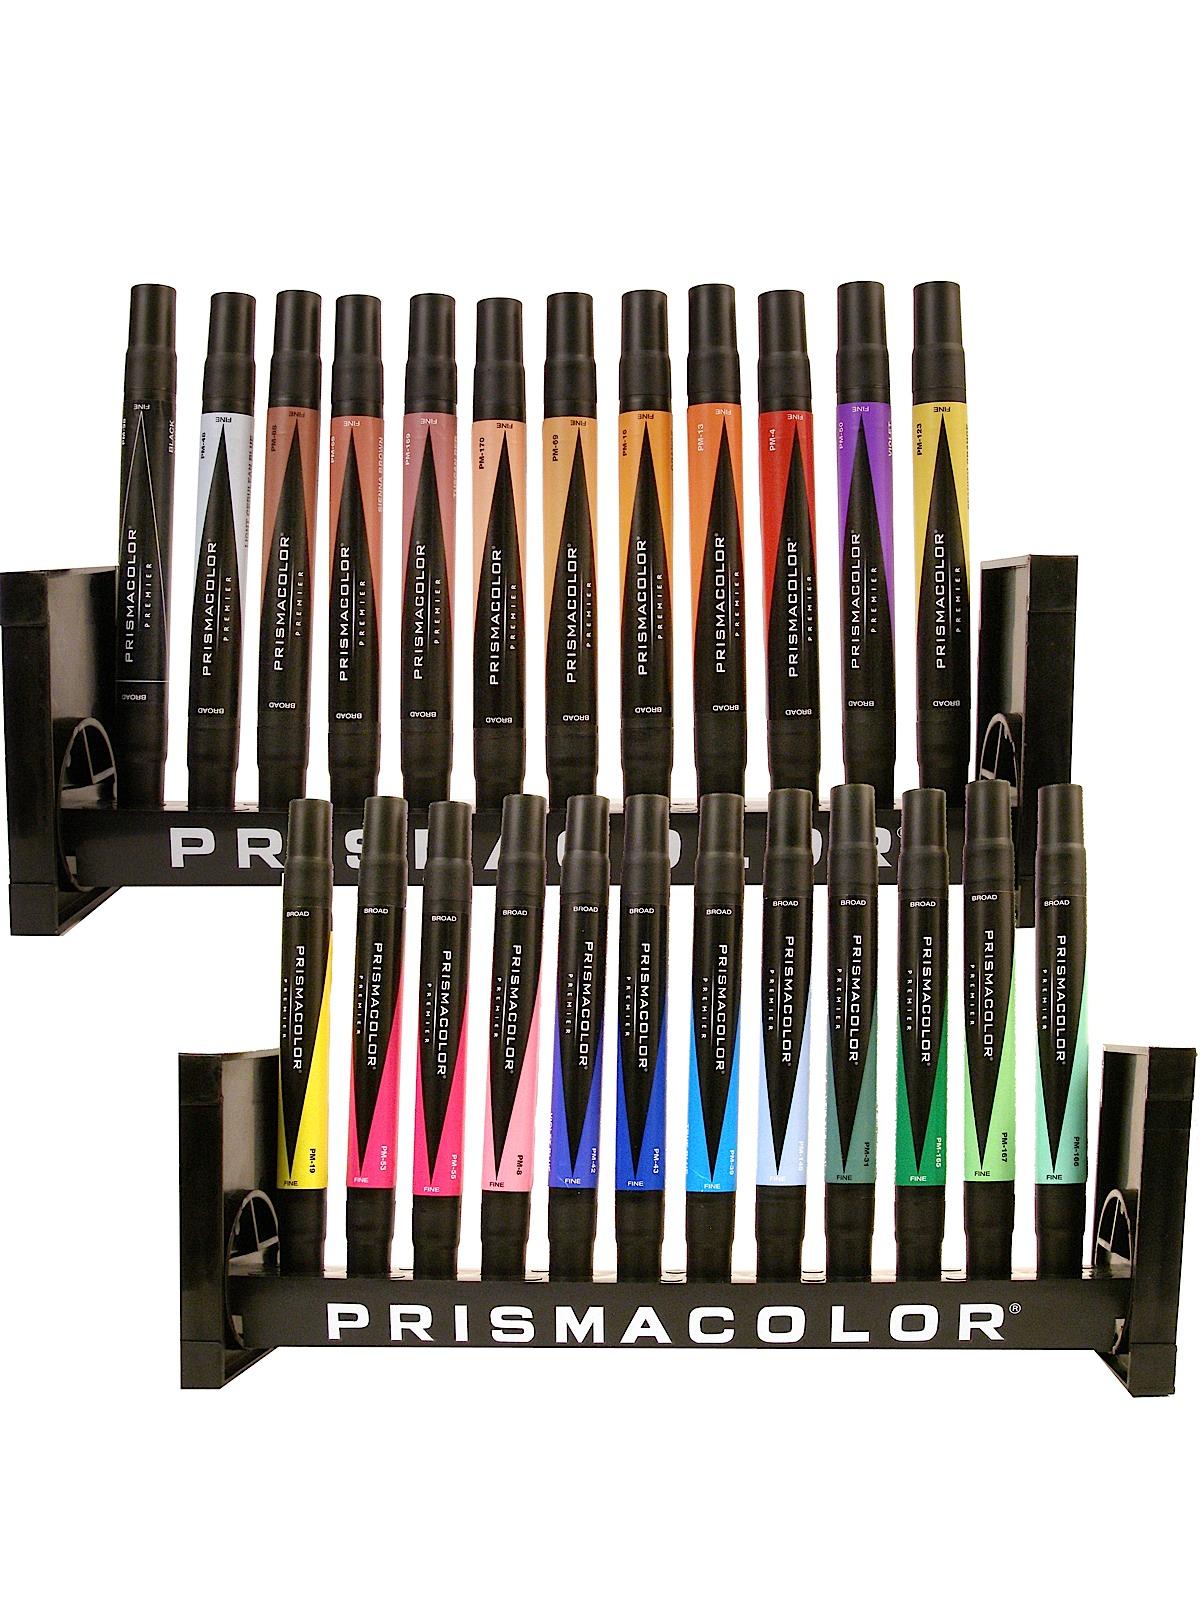 G Prismacolor Premier Portrait Set